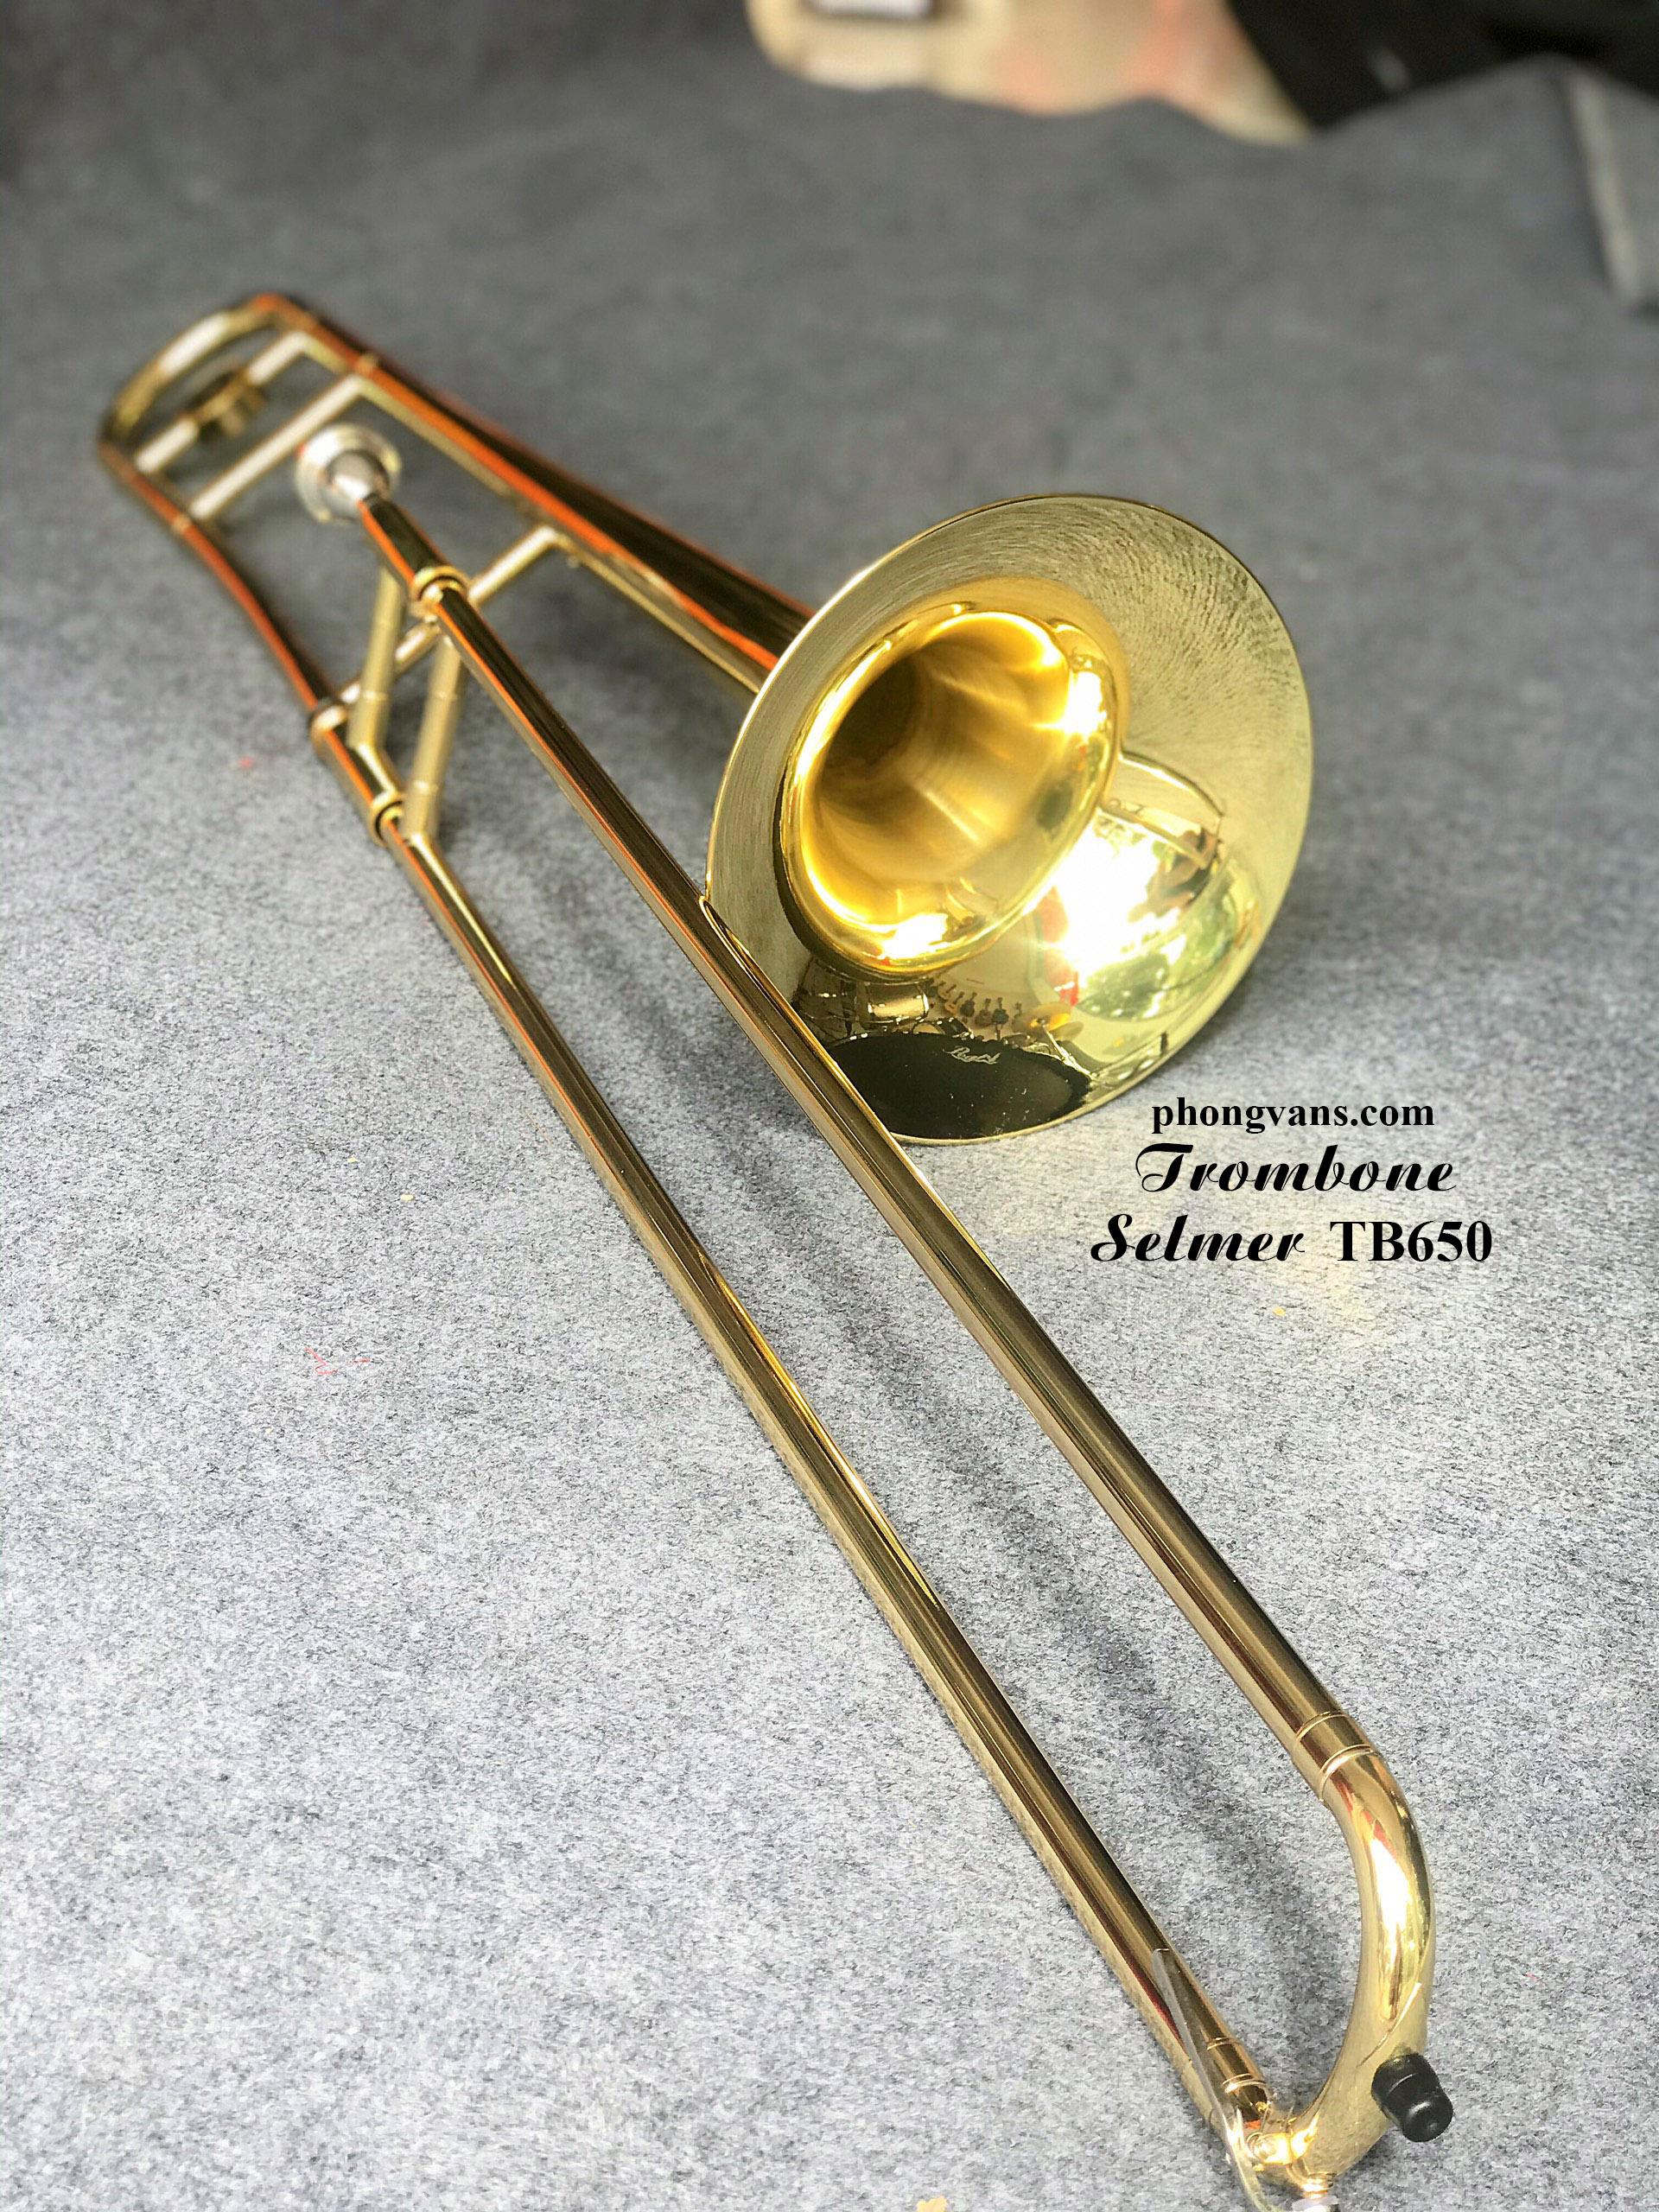 Kèn trombone hãng Selmer